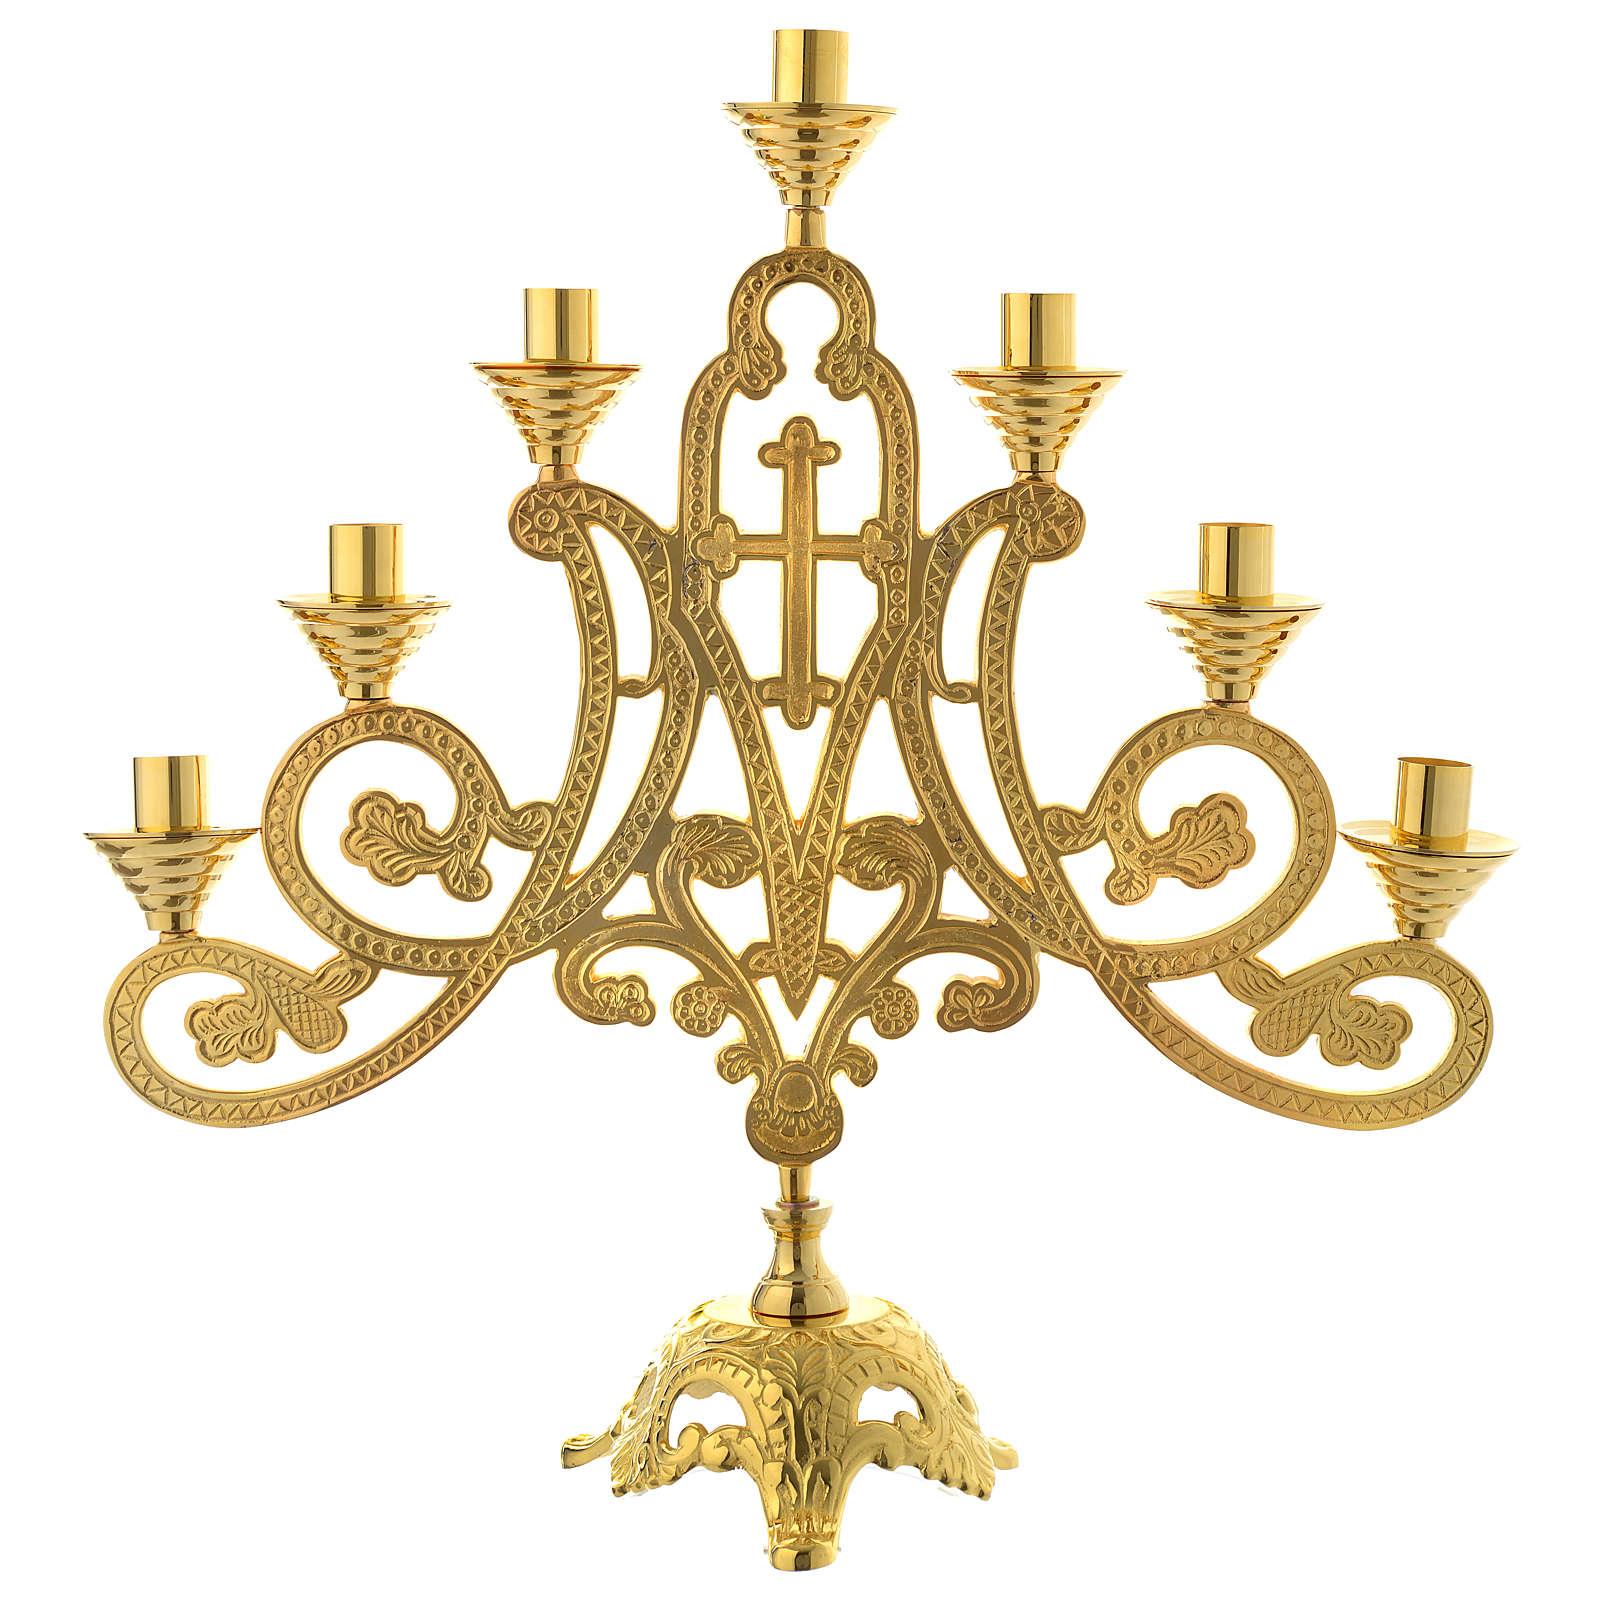 Kandelabr 7-ramienny krzyż mosiądz pozłacany 4